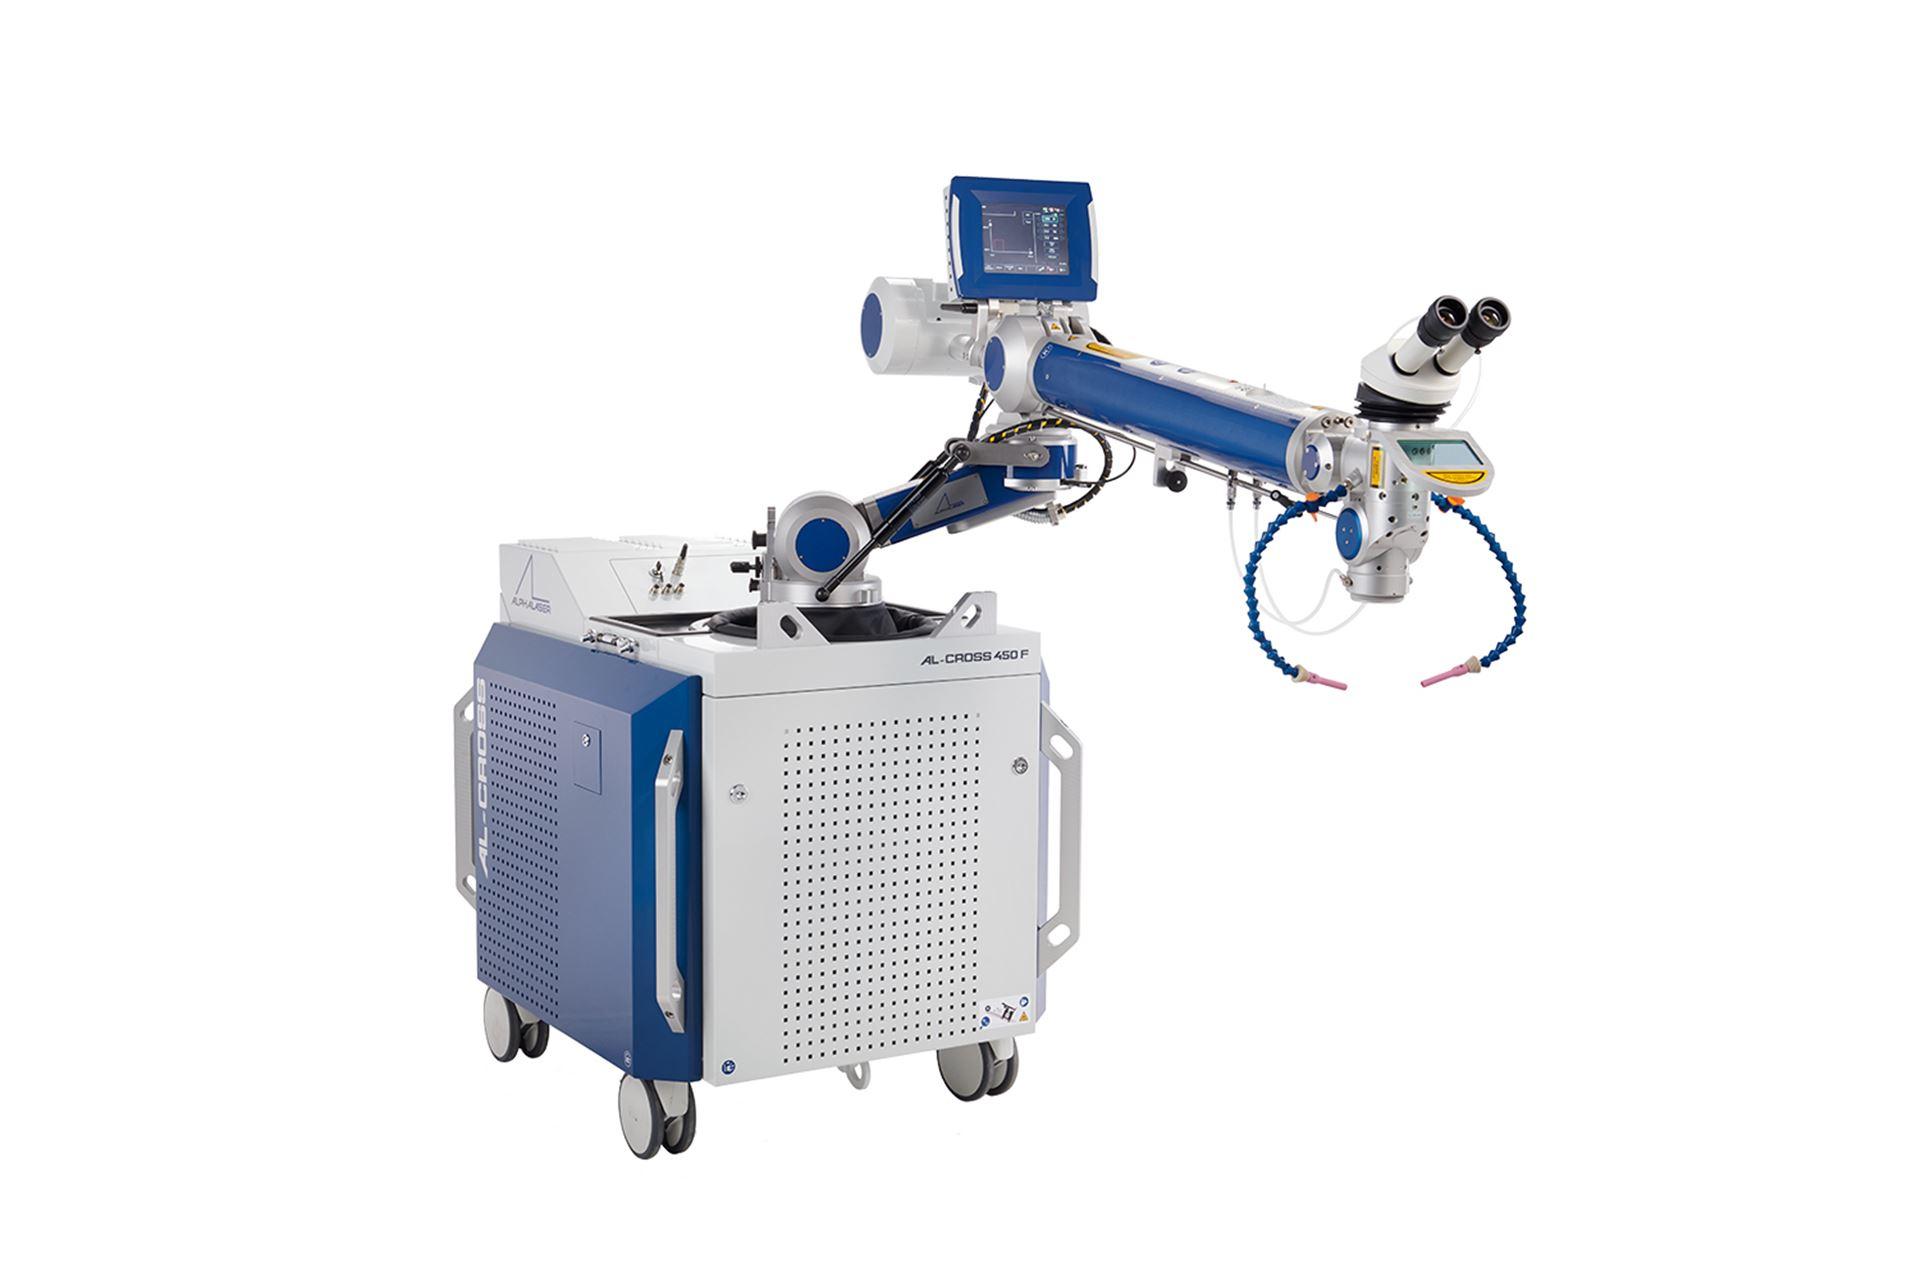 AL-CROSS mobile fiber laser for precision welding